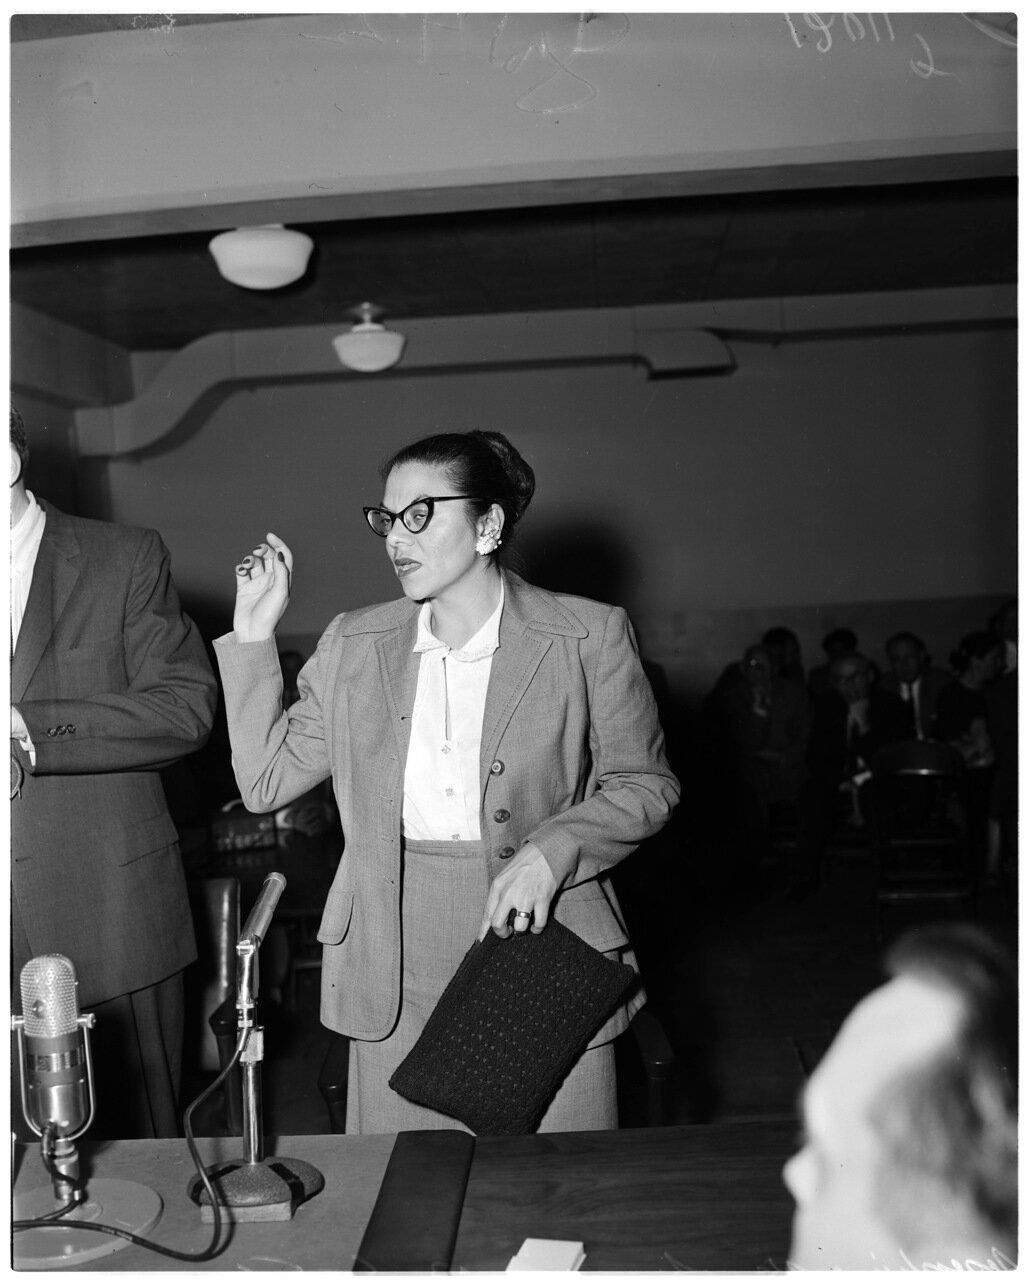 1956. 6 декабря. Комиссия по расследованию антиамериканской деятельности. г-жа Анита Шнайдер указывает на адвоката Джона Портера как на скрытого коммуниста